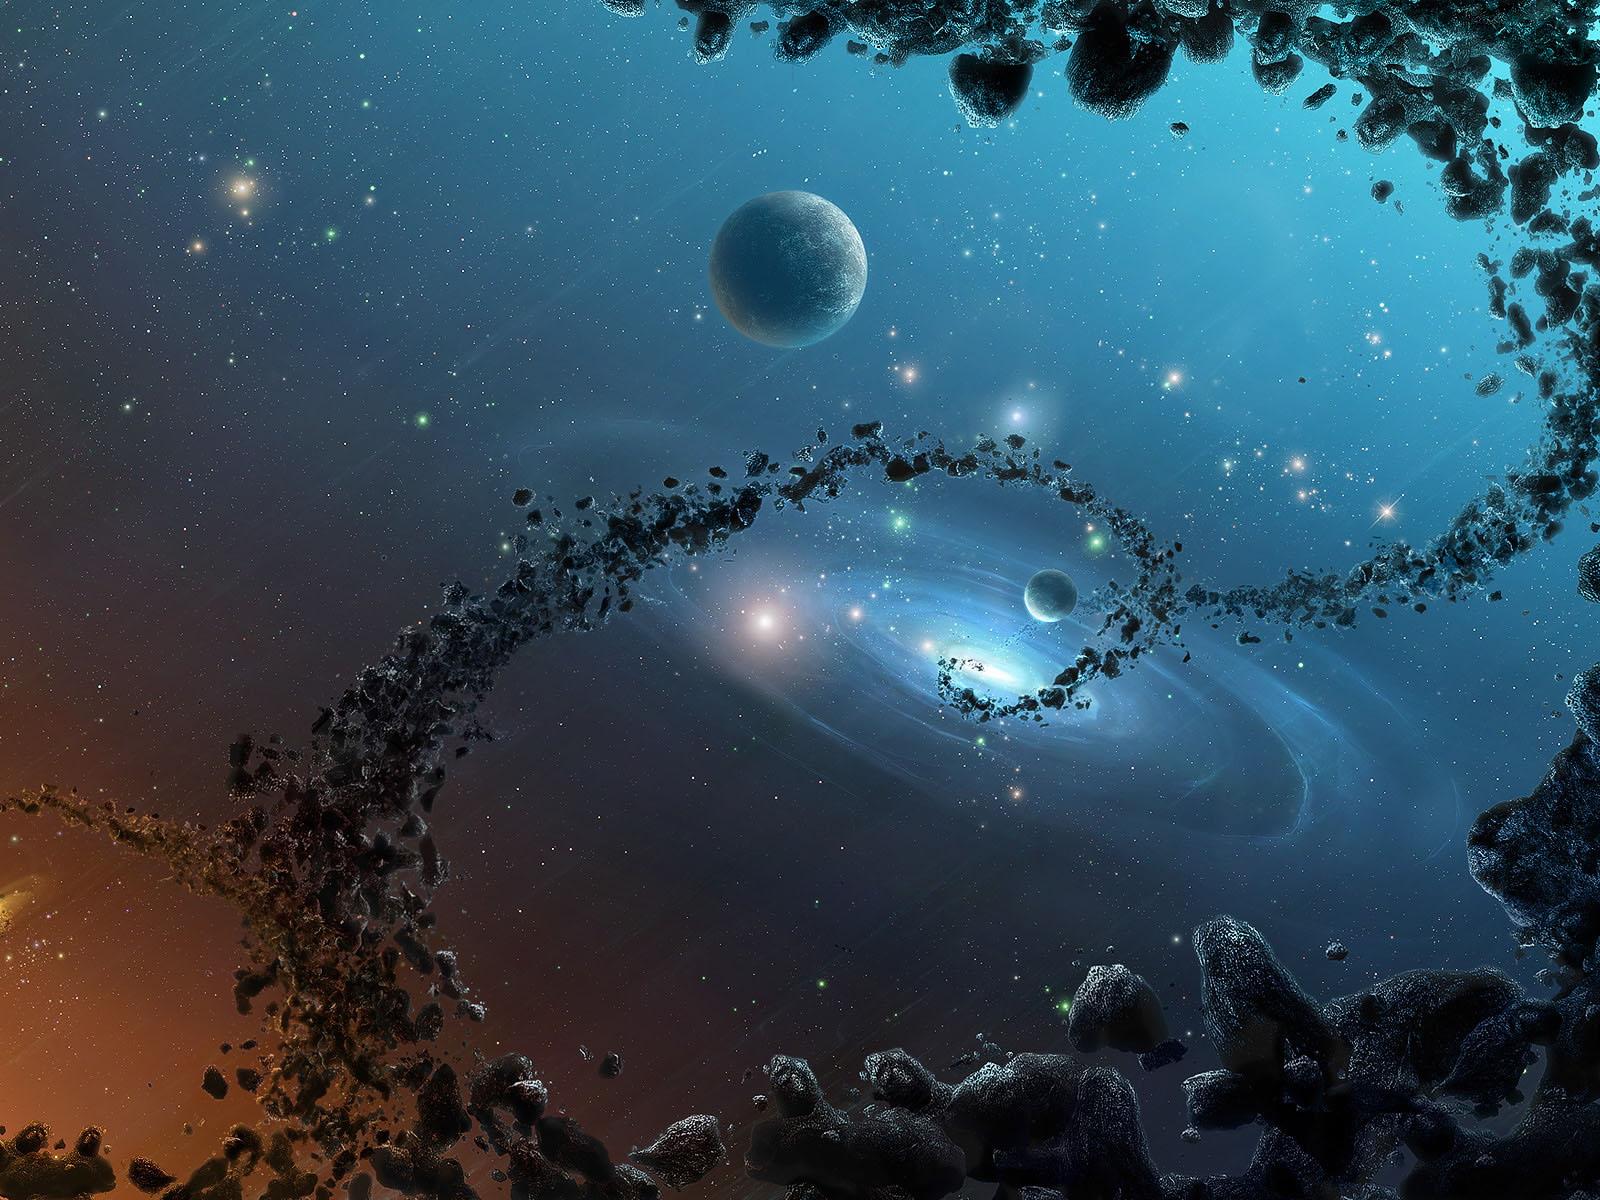 http://3.bp.blogspot.com/-V3ivISf2cq4/UB6f8DK4xyI/AAAAAAAABF4/vG4Bi4Jn0H8/s1600/3d_asteroids_desktop_wallpaper.jpg